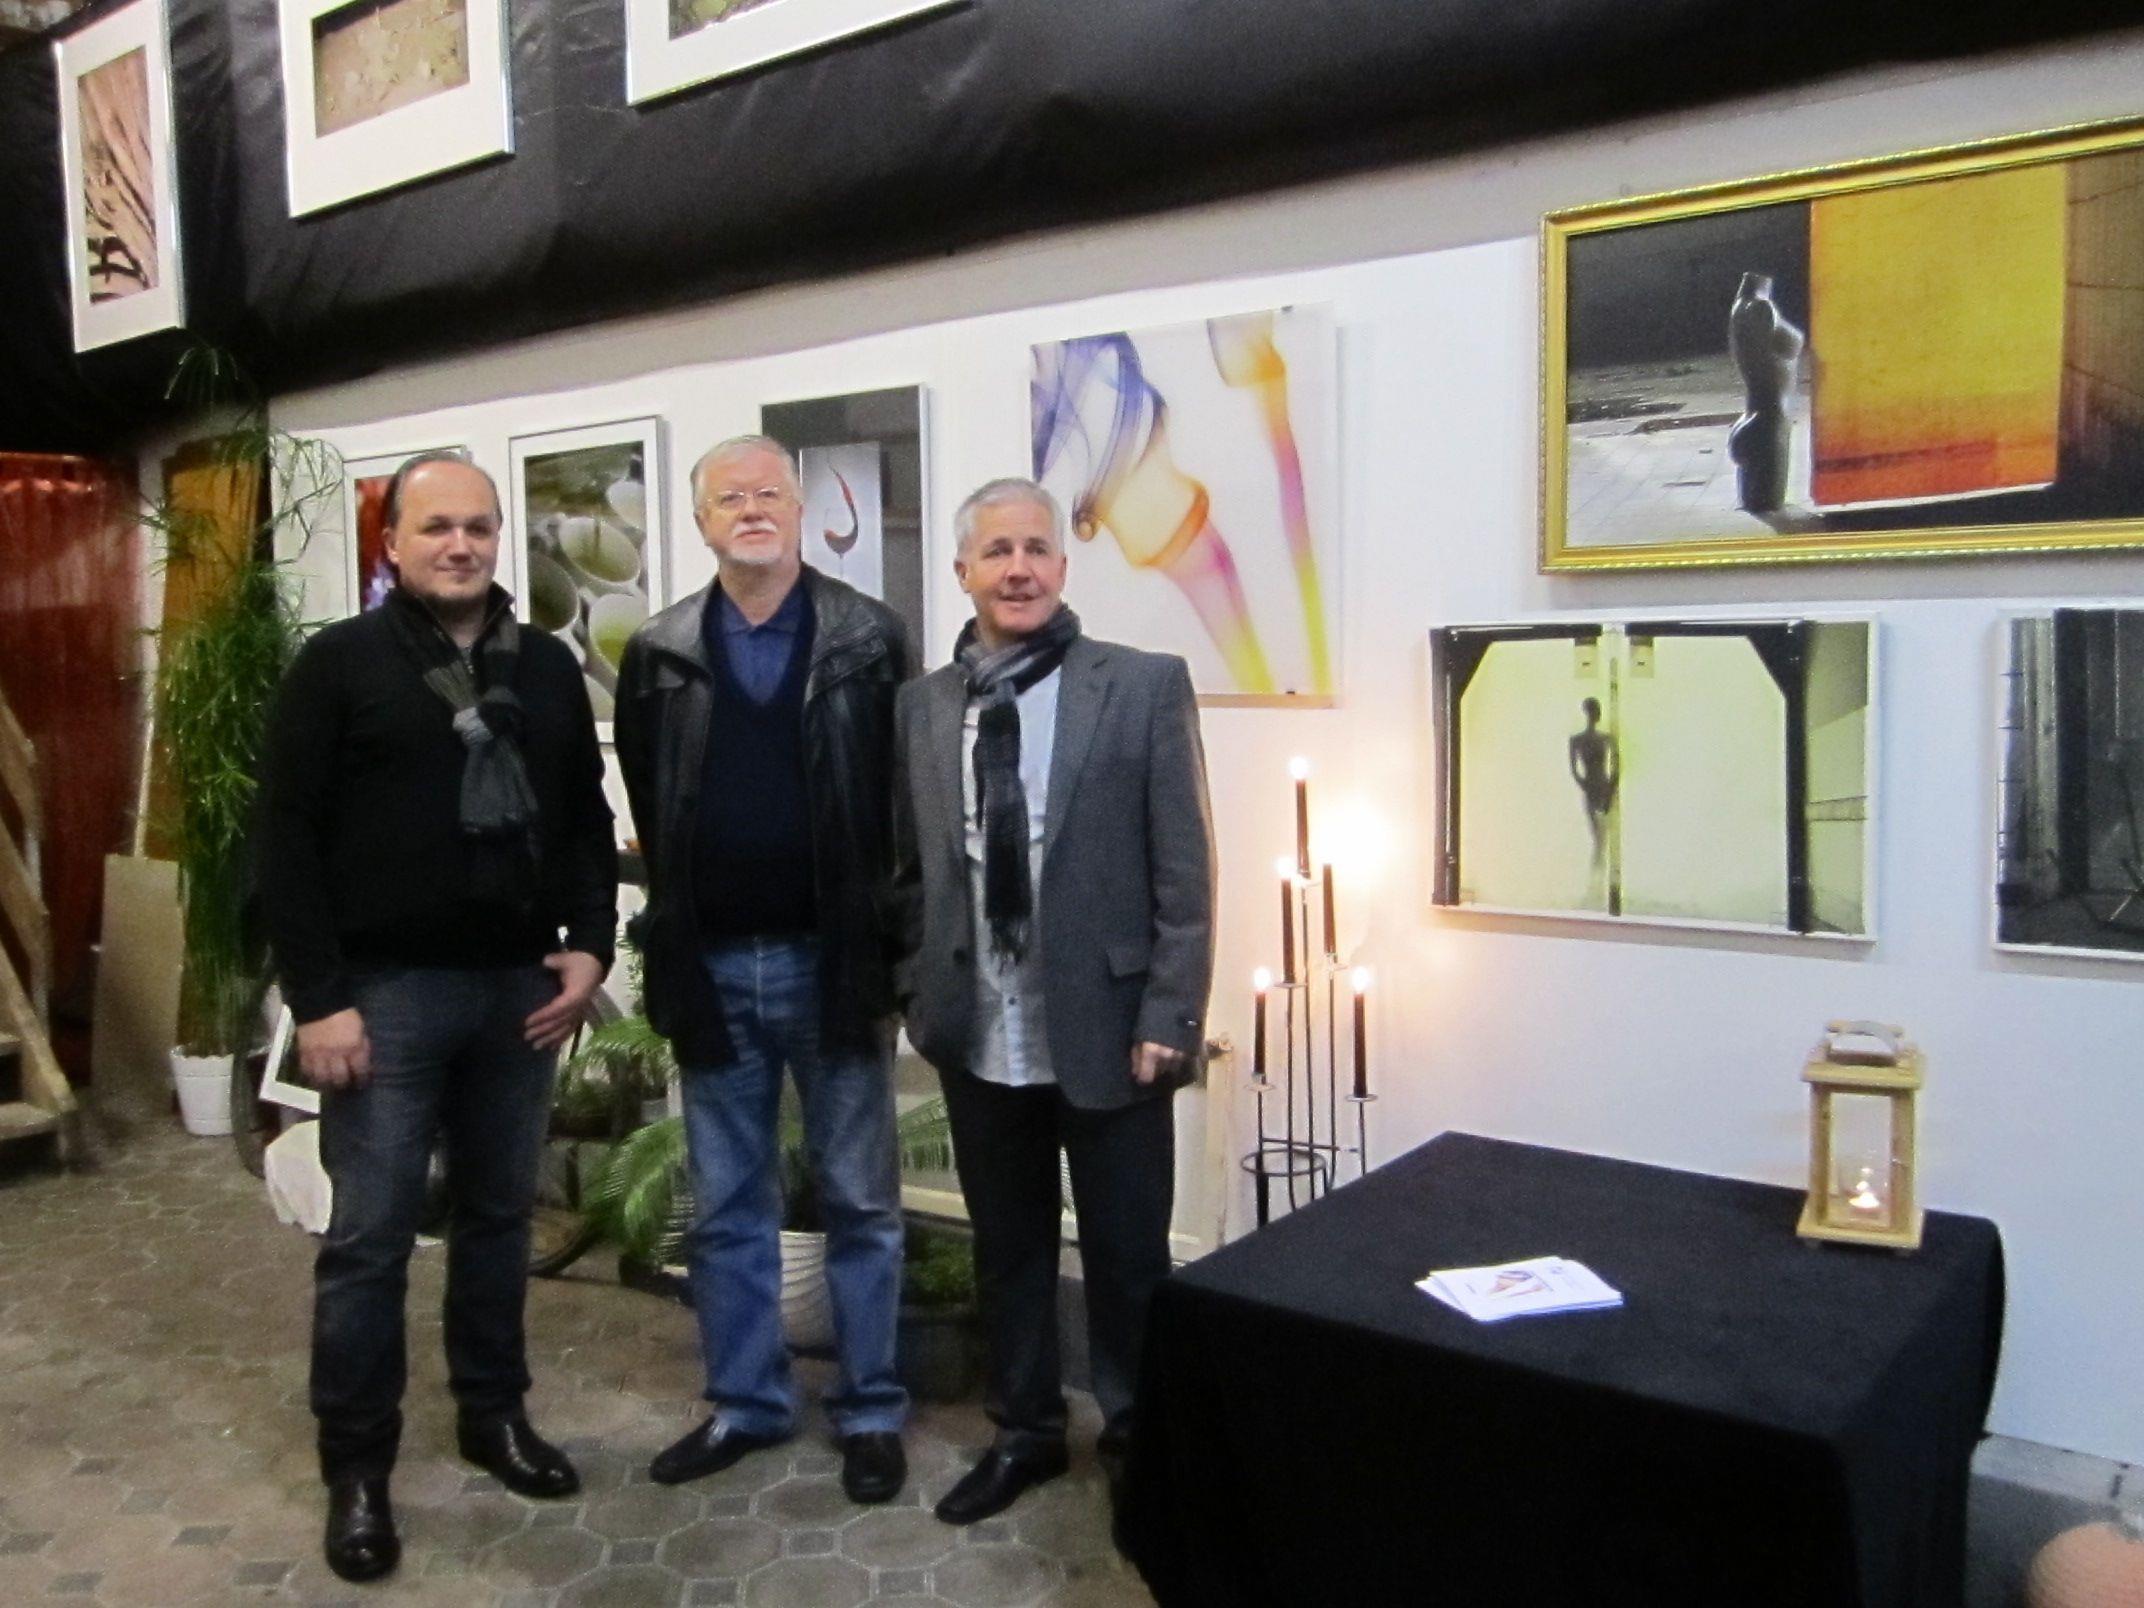 Charly Raser, Herbert Gmeiner und Reinhard Beck